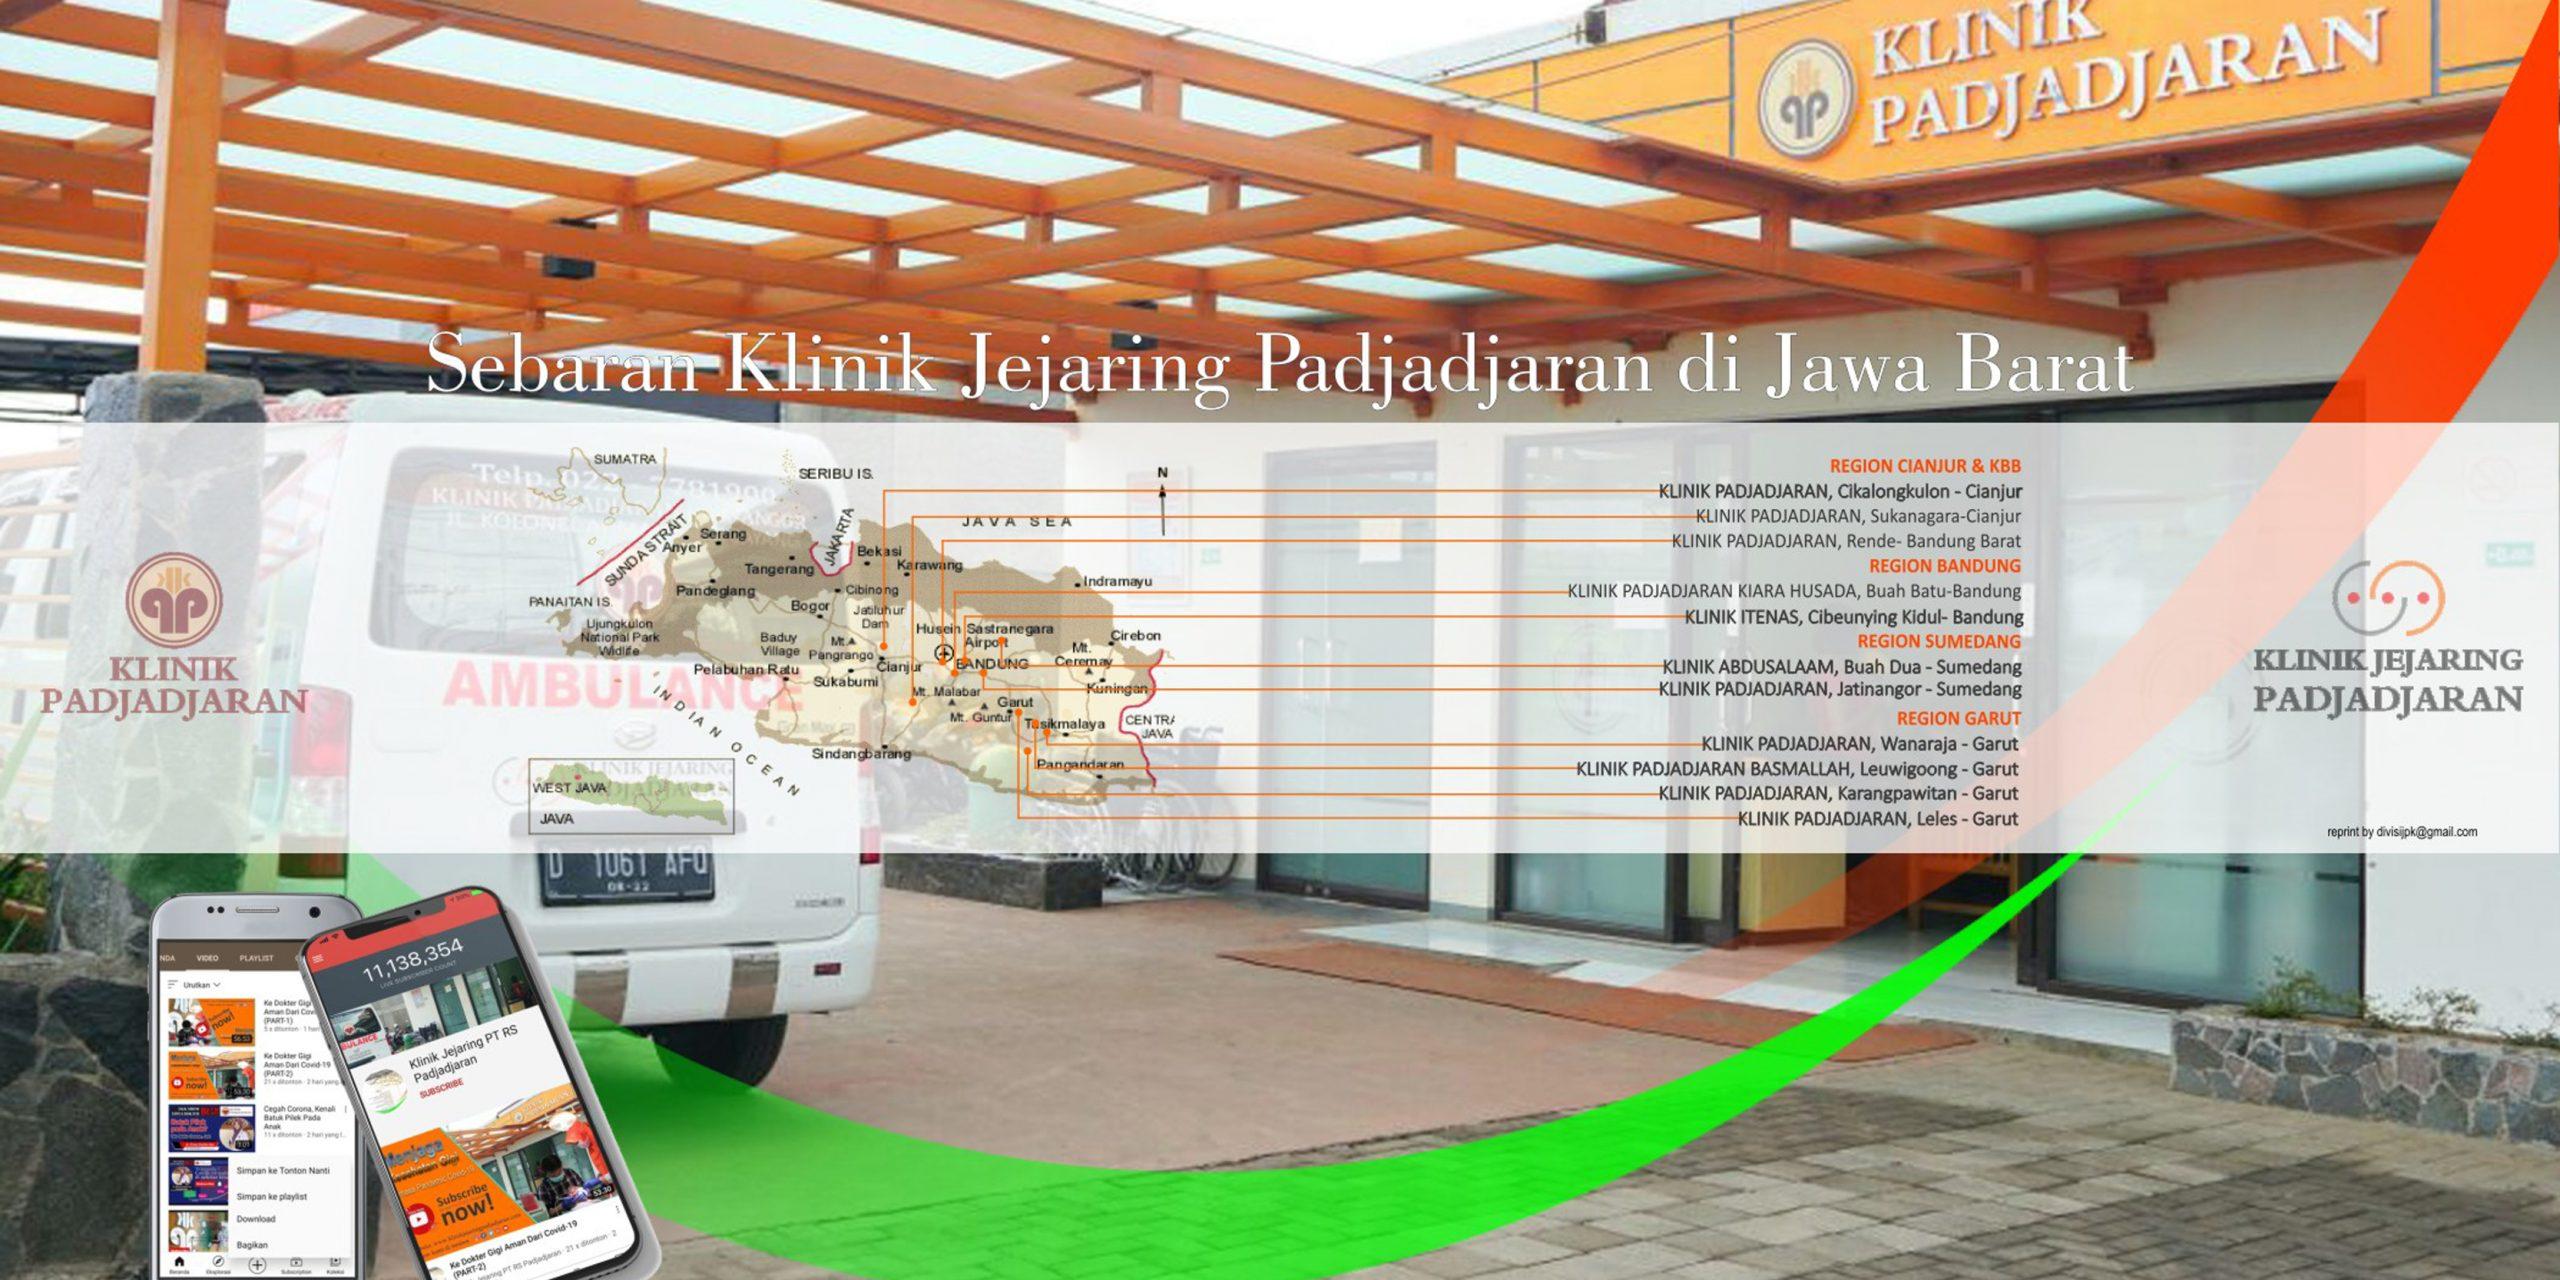 Klinik Jejaring Padjadjaran Map